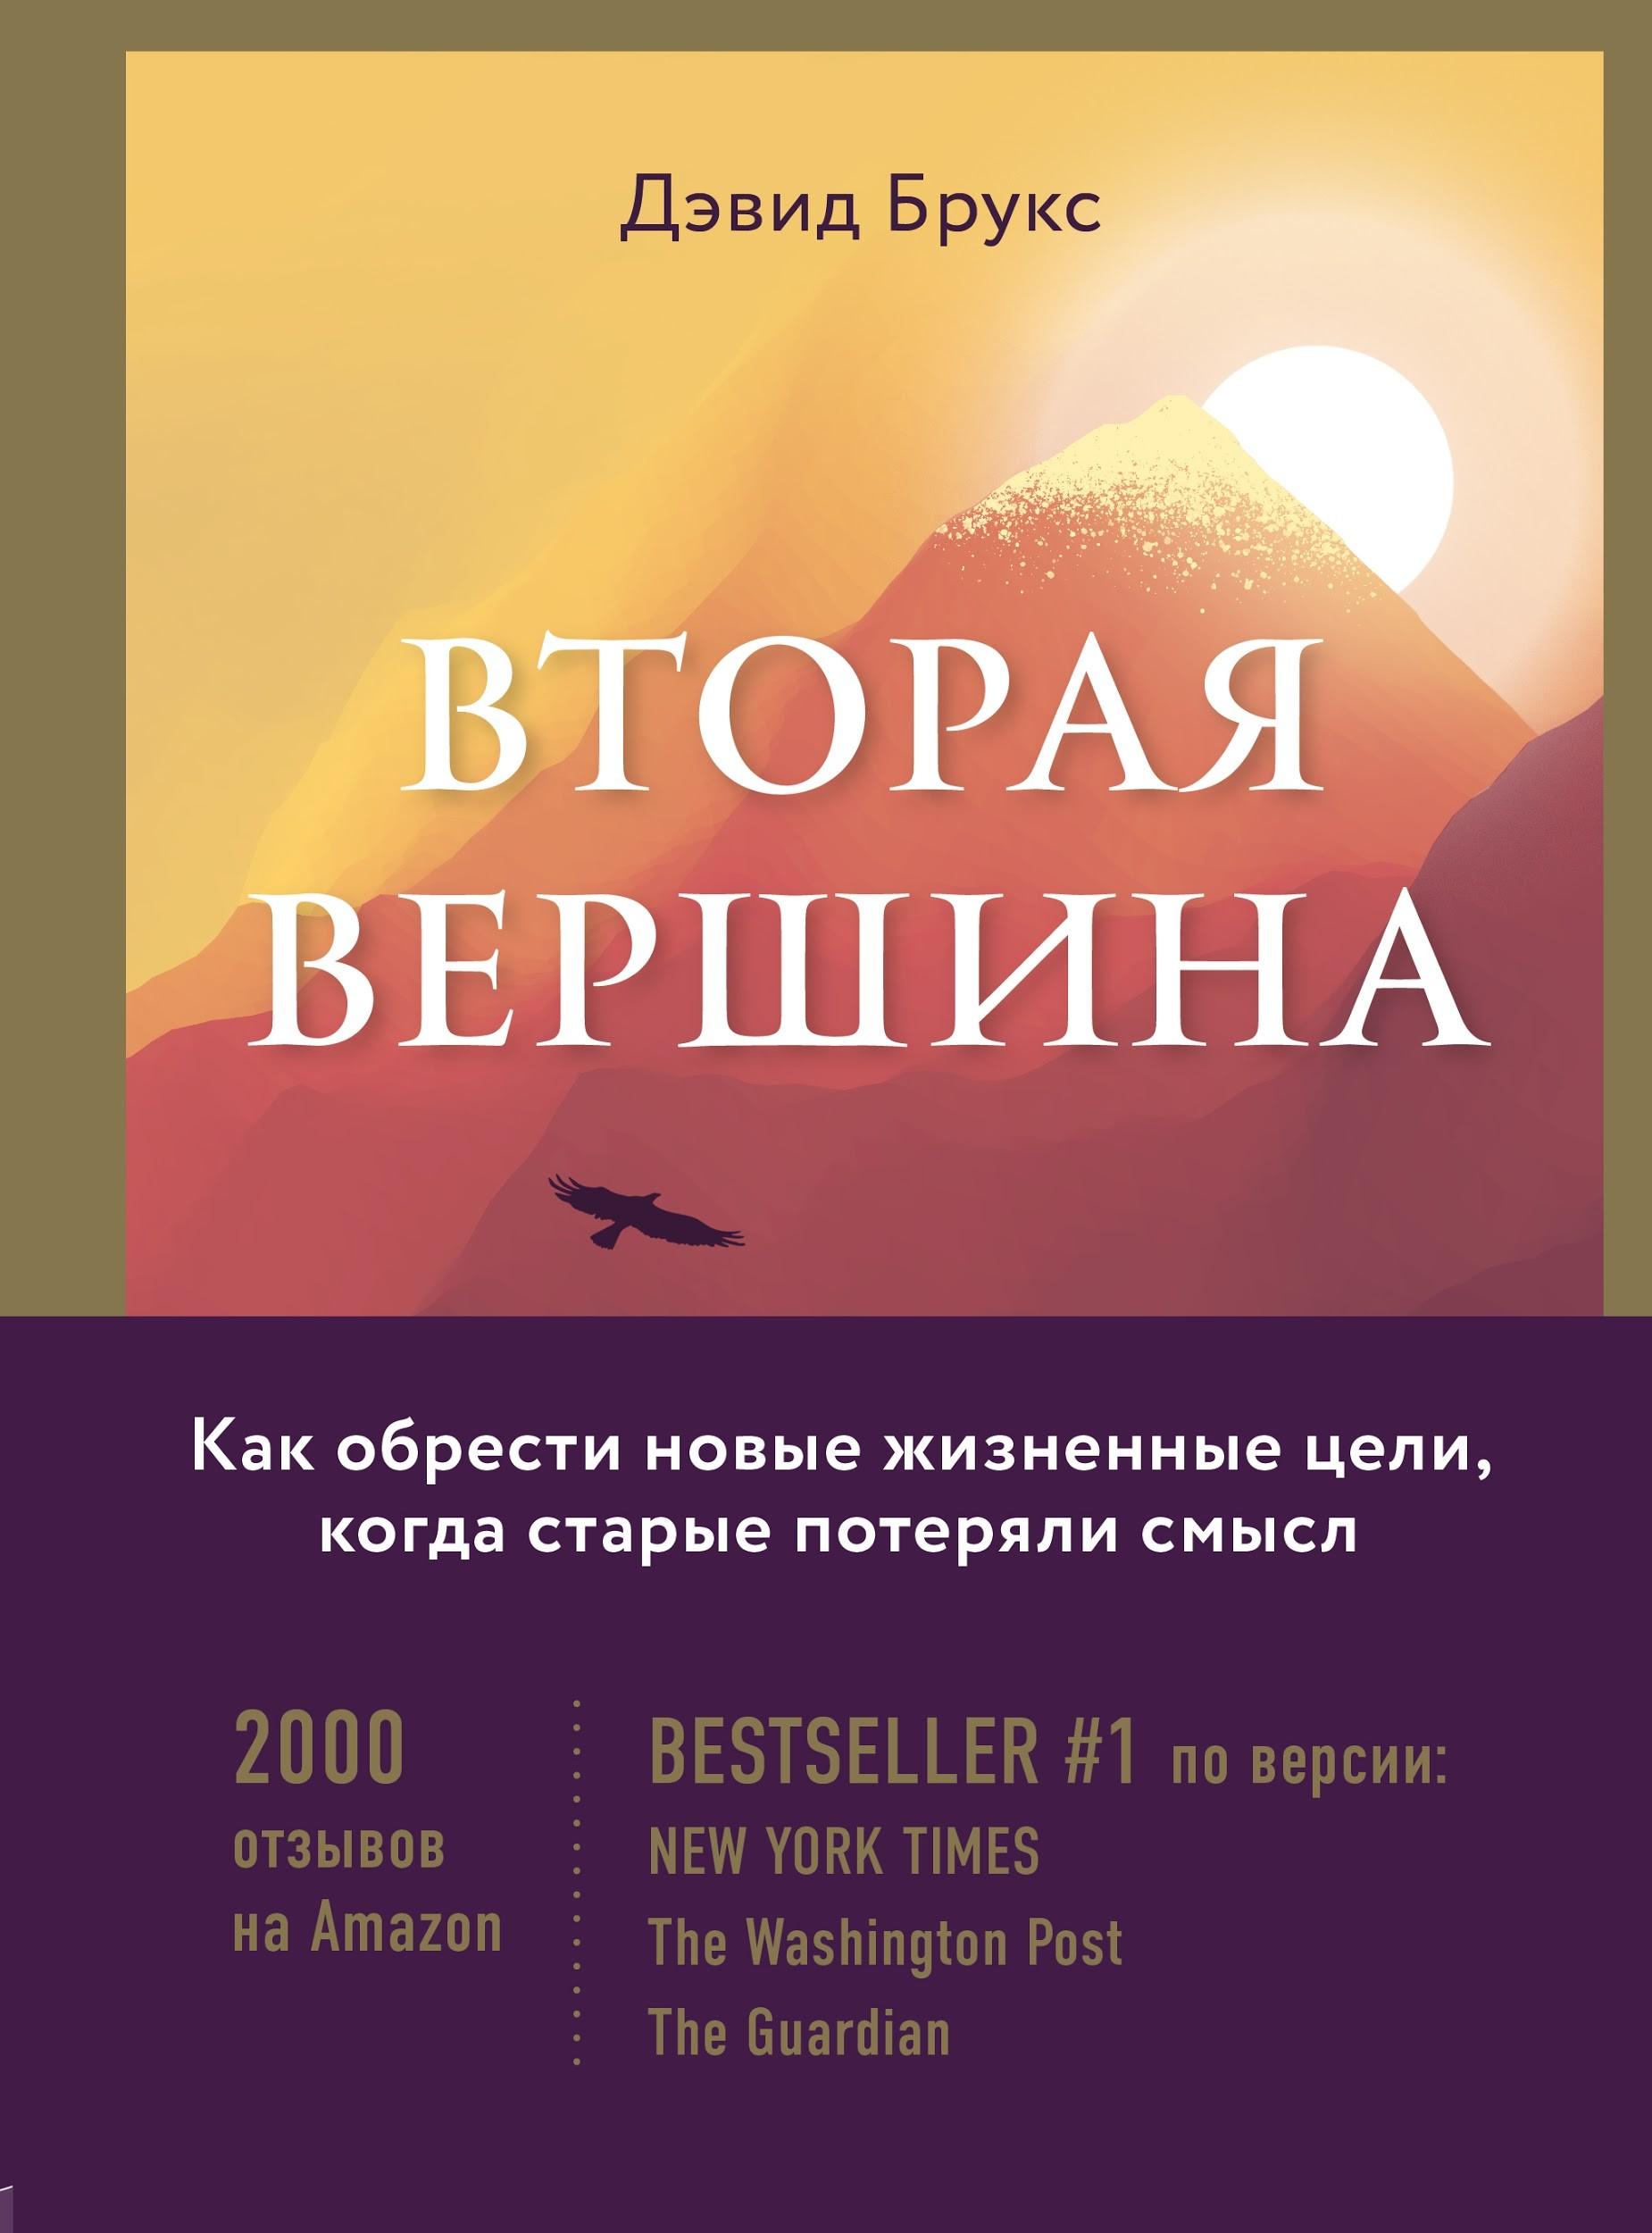 Вторая вершина. Величайшая книга размышлений о мудрости и цели жизни. Купить и читать